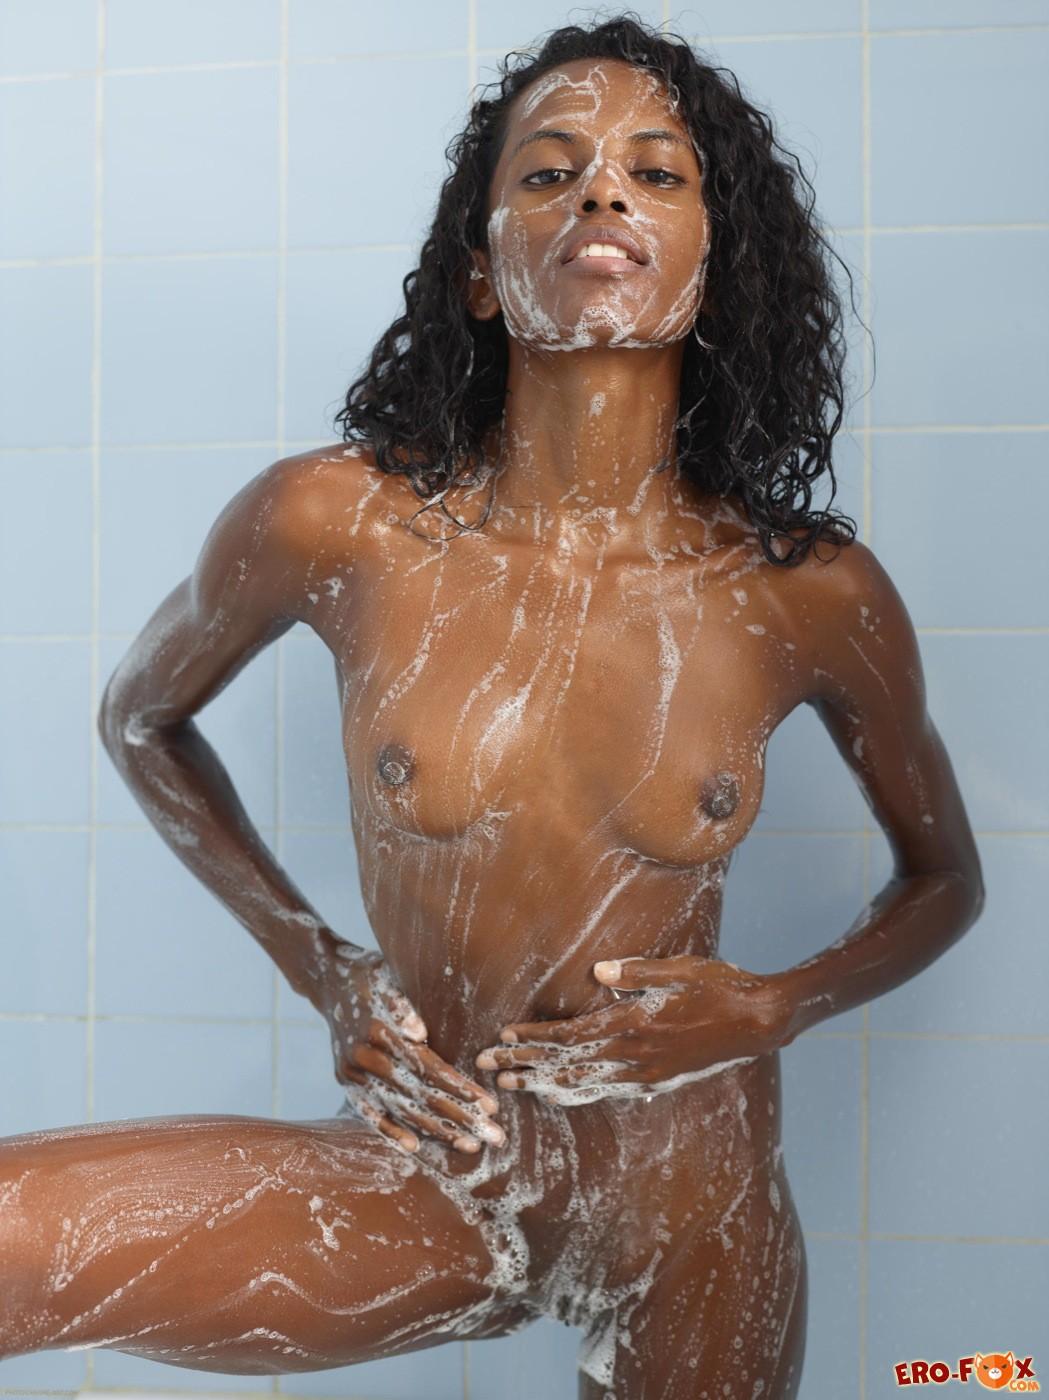 Тощая негритянка намылилась в ванной - фото